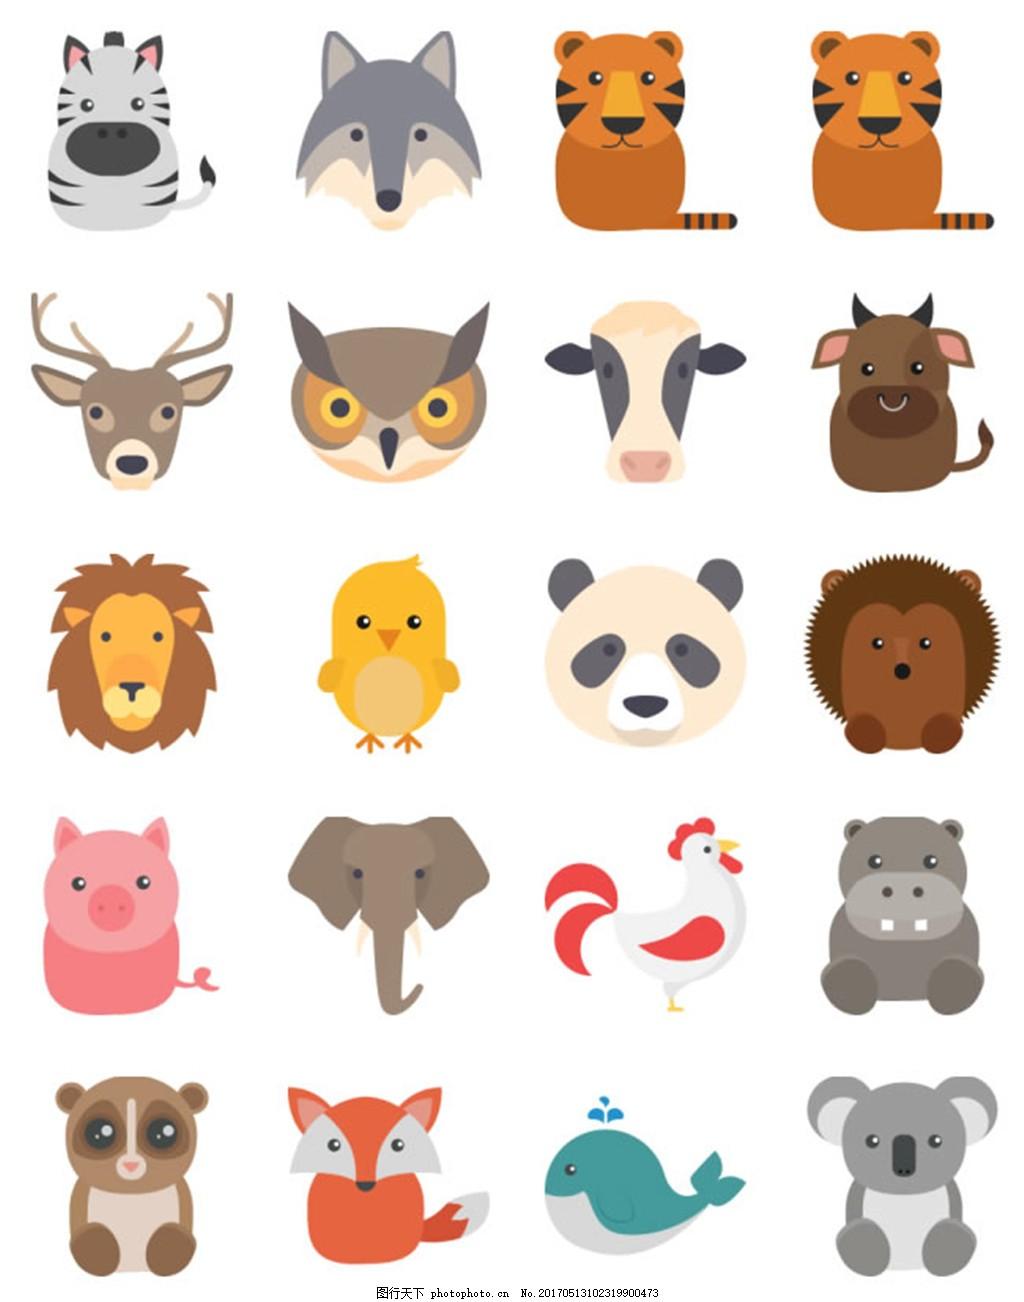 20个可爱动物图标素材